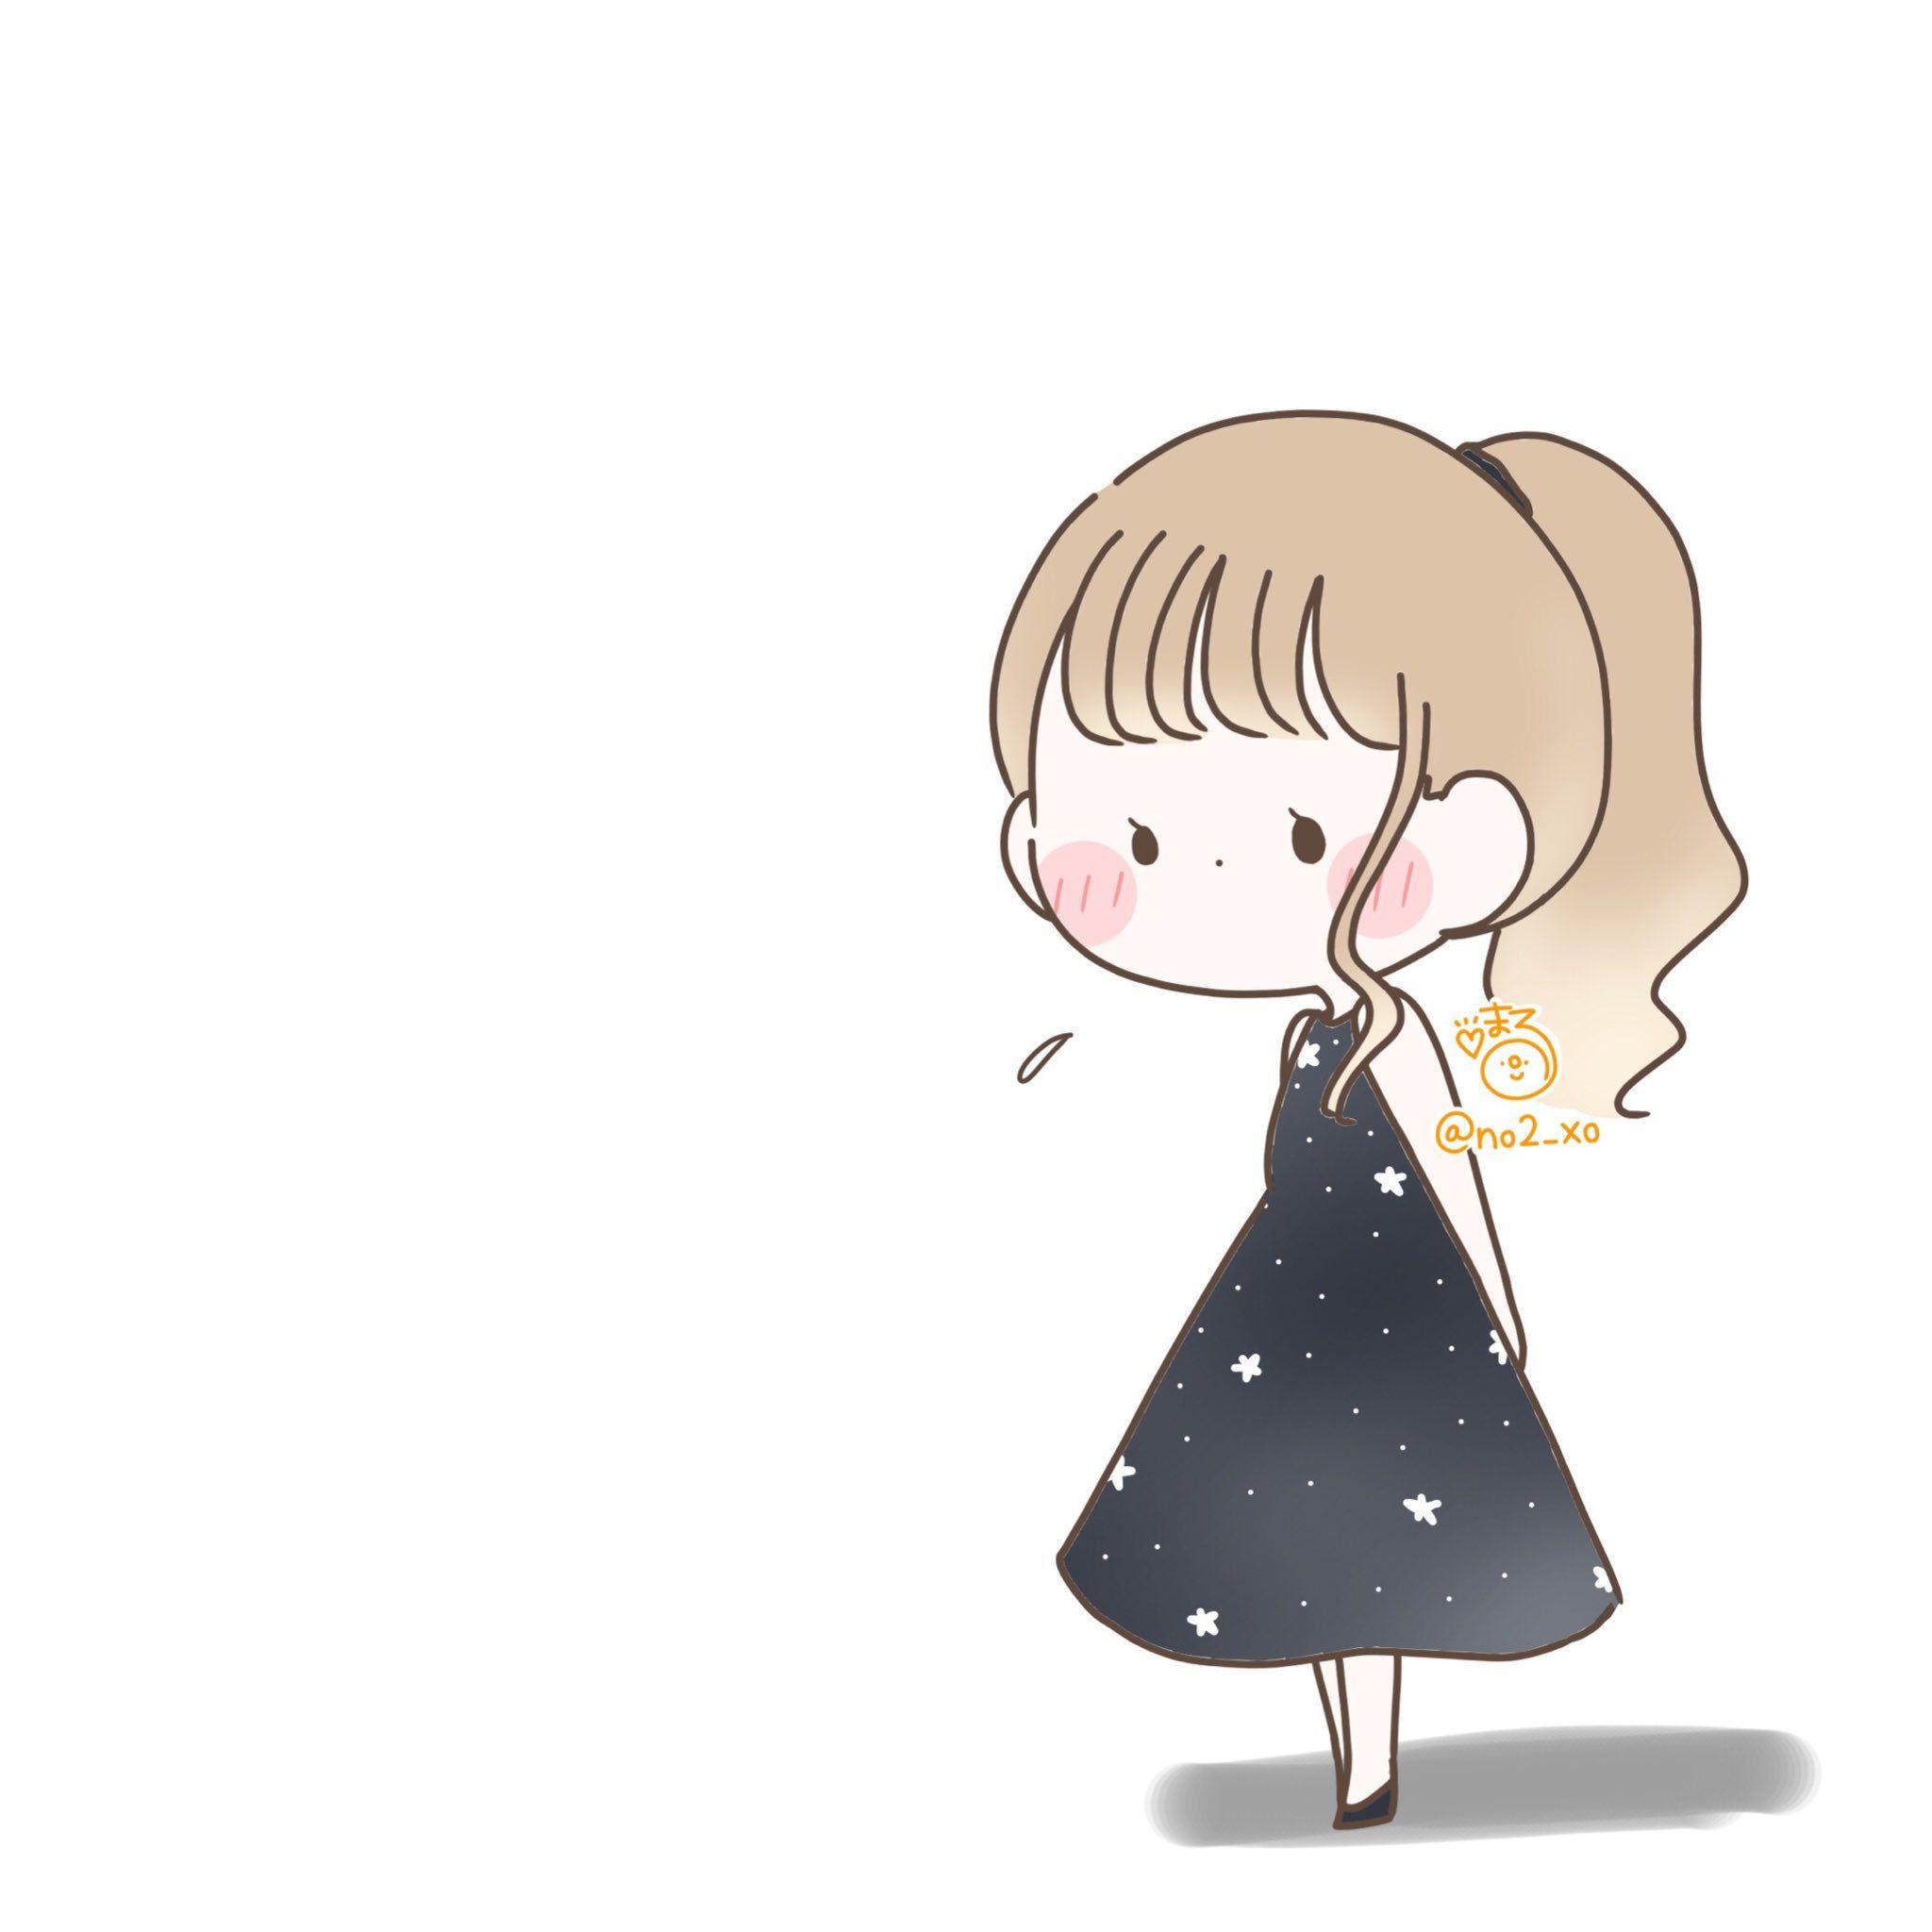 Twitter アニメの女の子のデッサン かわいい イラスト 手書き キャラクター イラスト